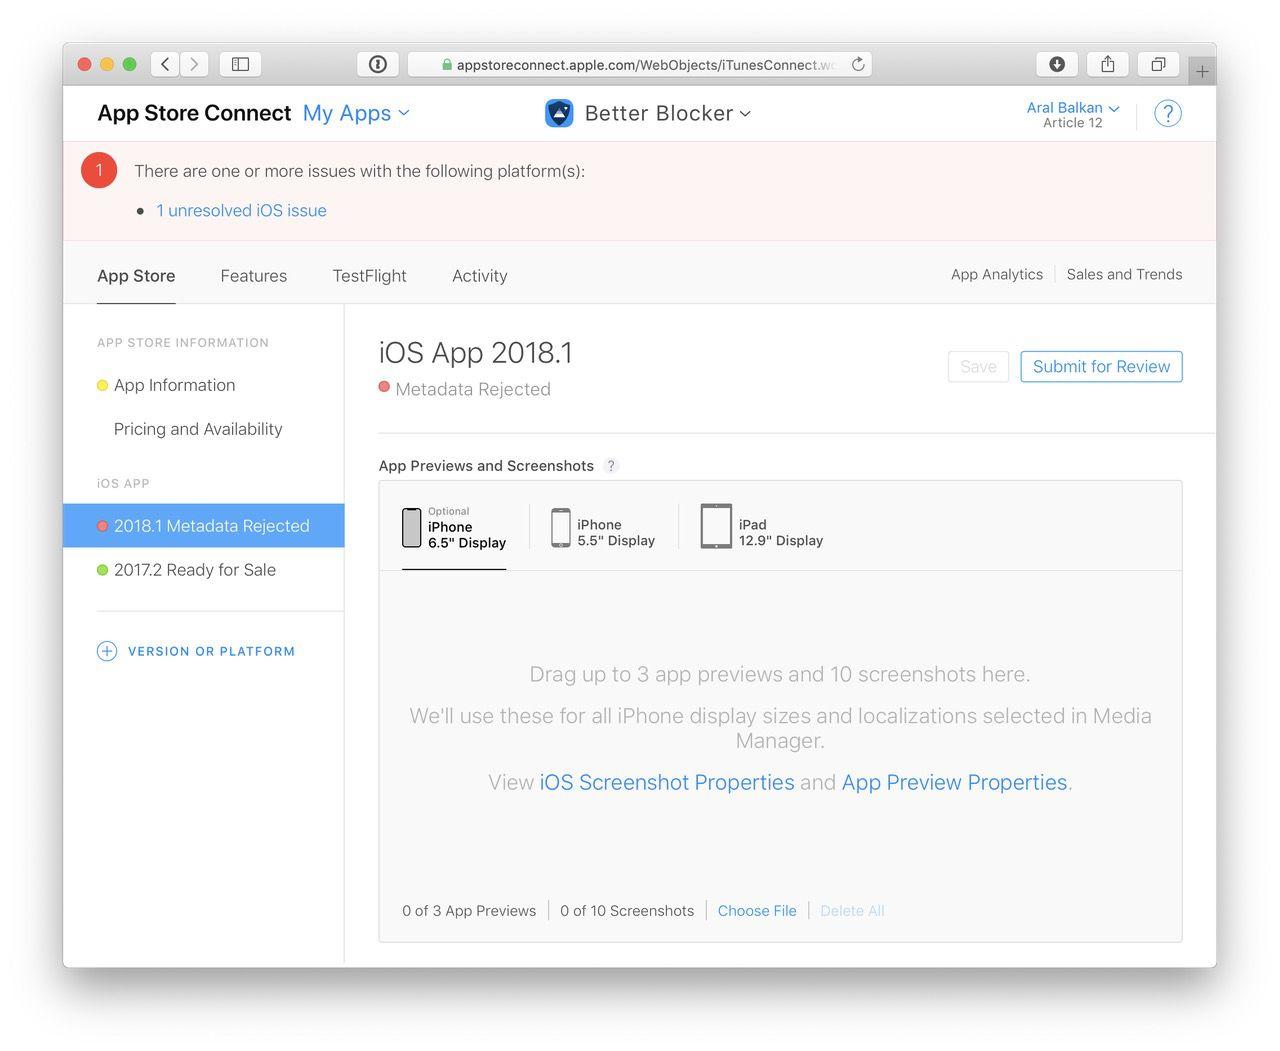 Responsive design got my app rejected – Aral Balkan